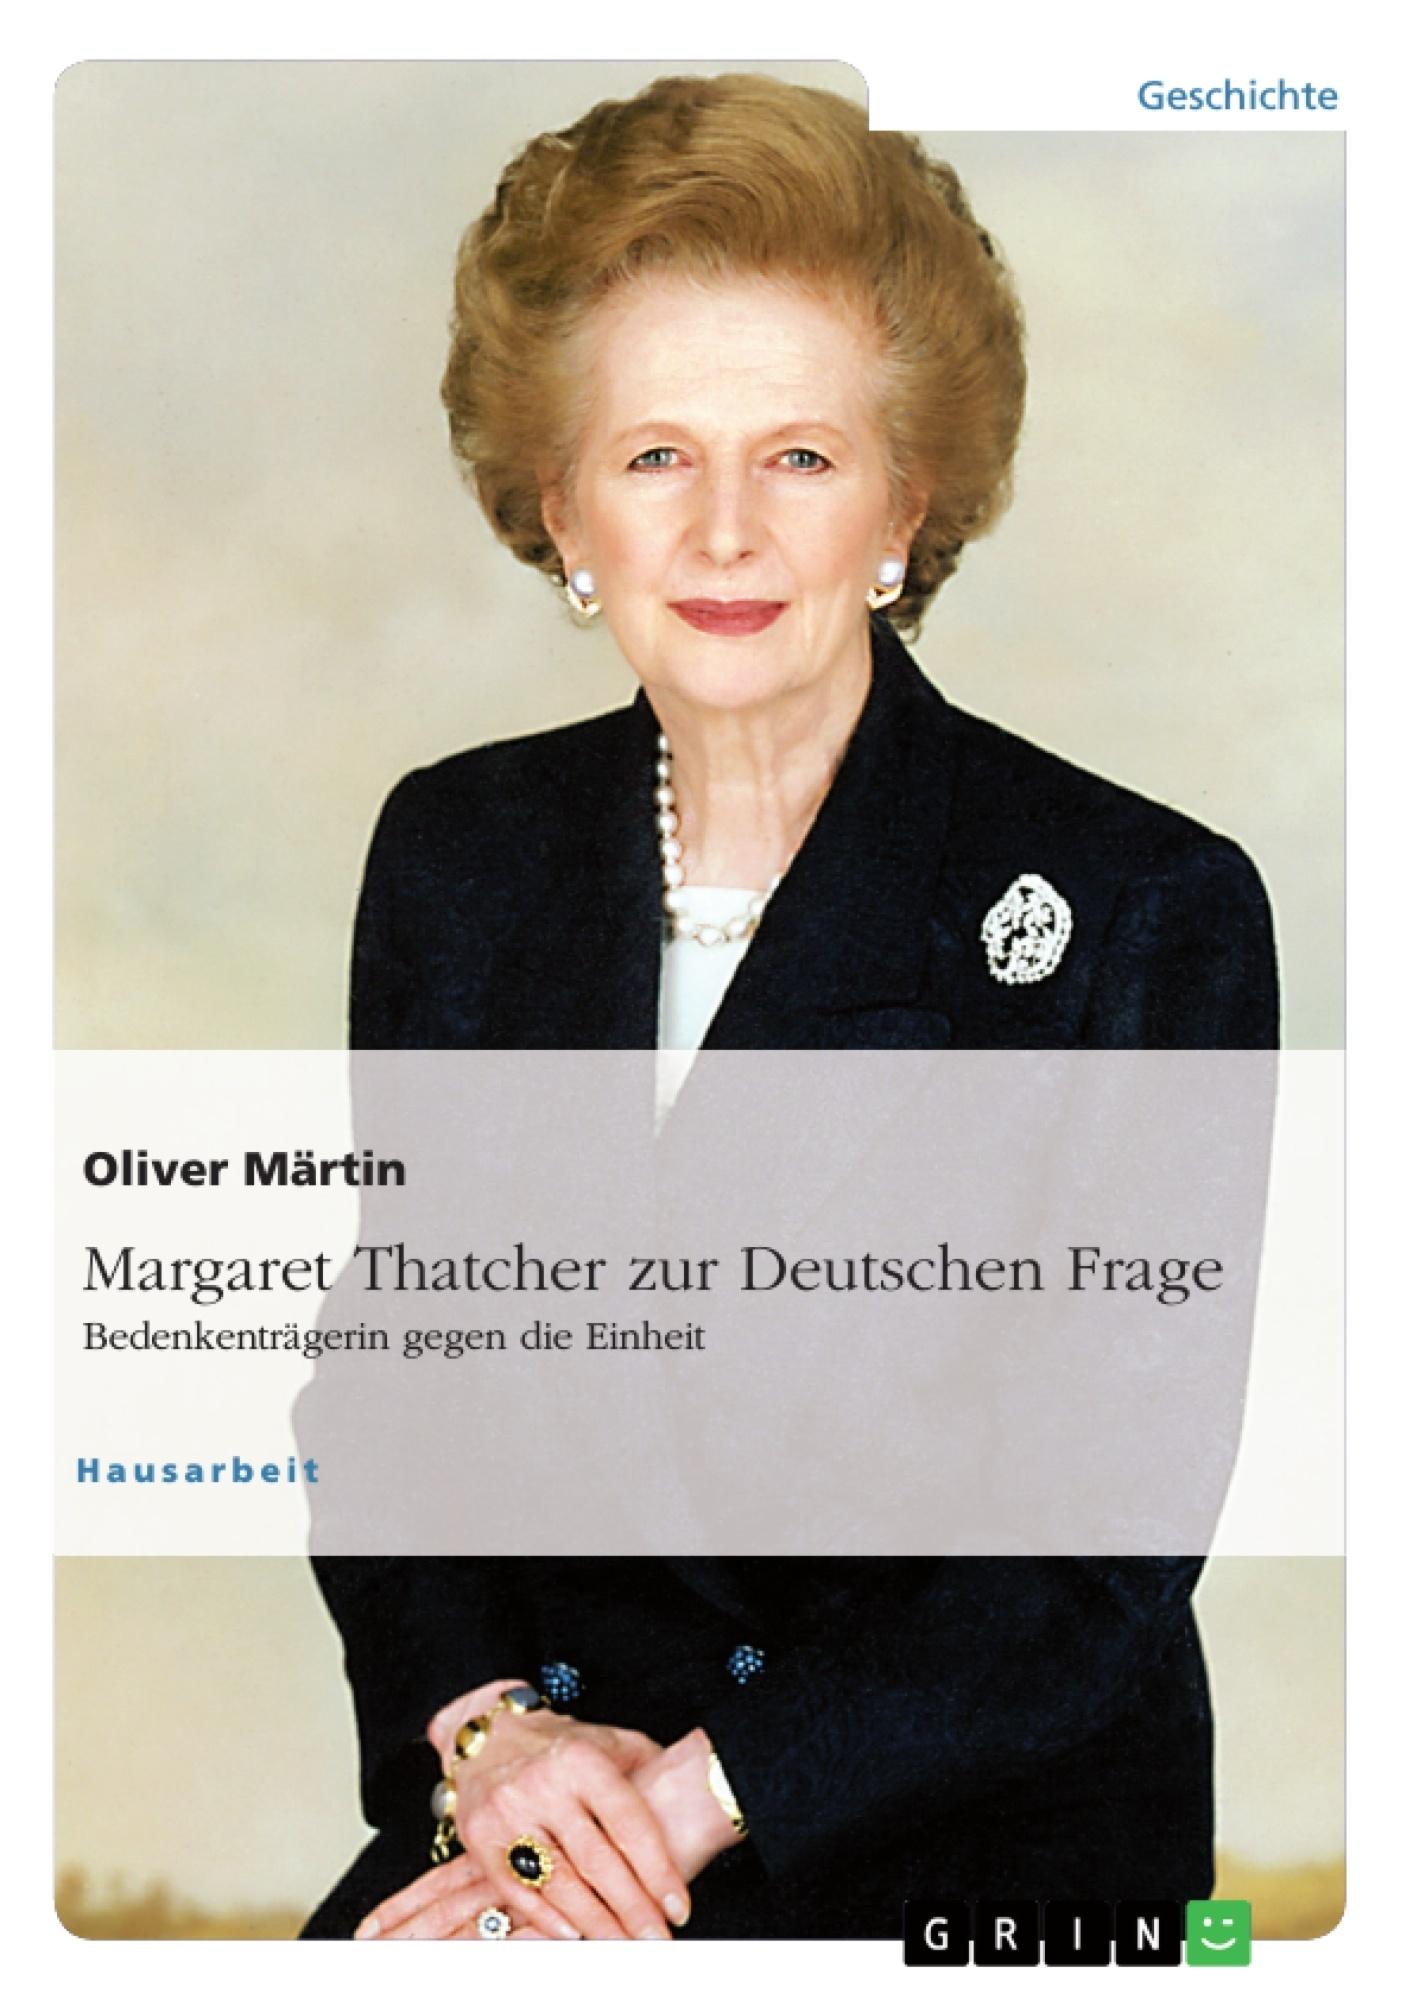 Titel: Thatcher zur Deutschen Frage. Bedenkenträgerin gegen die Einheit